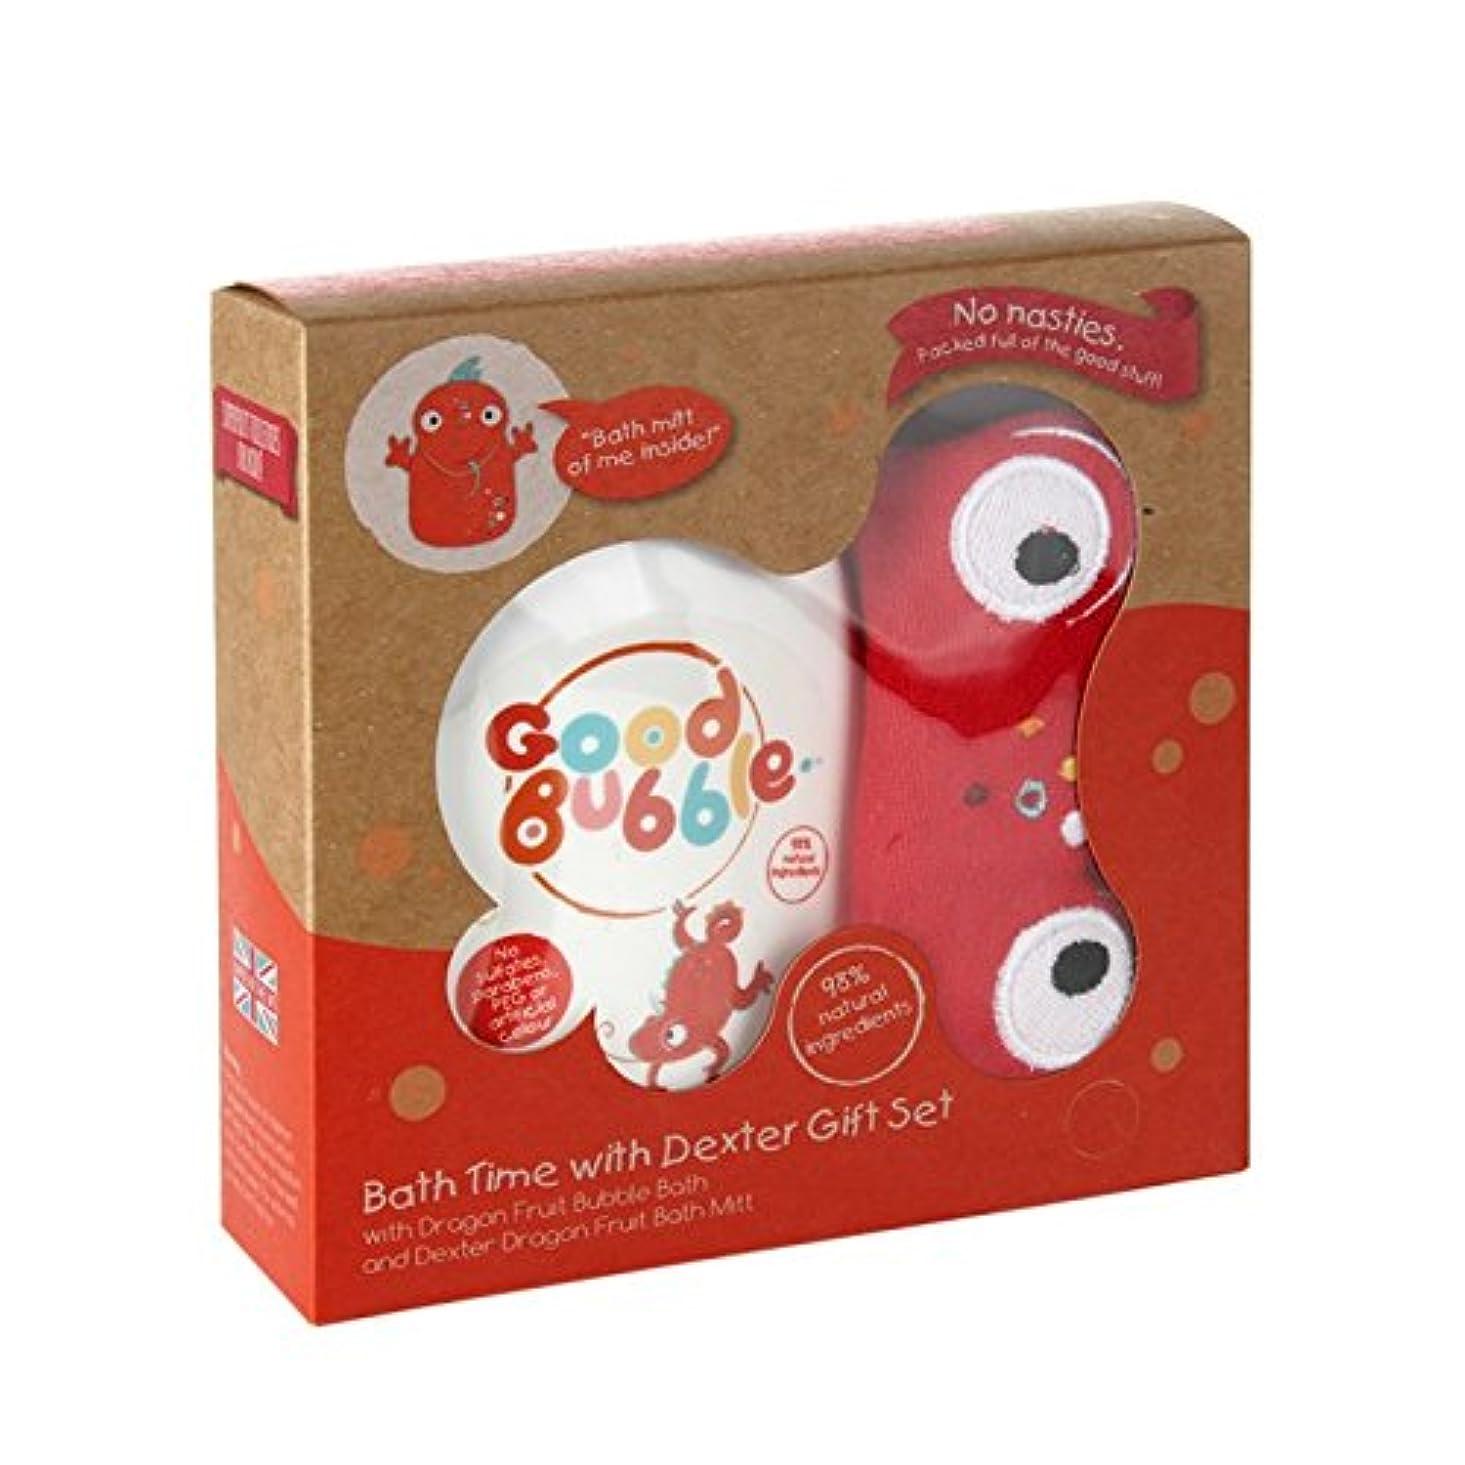 ひばりきゅうり消費者良いバブルデクスターDragonfruitギフトセット550グラム - Good Bubble Dexter Dragonfruit Gift Set 550g (Good Bubble) [並行輸入品]